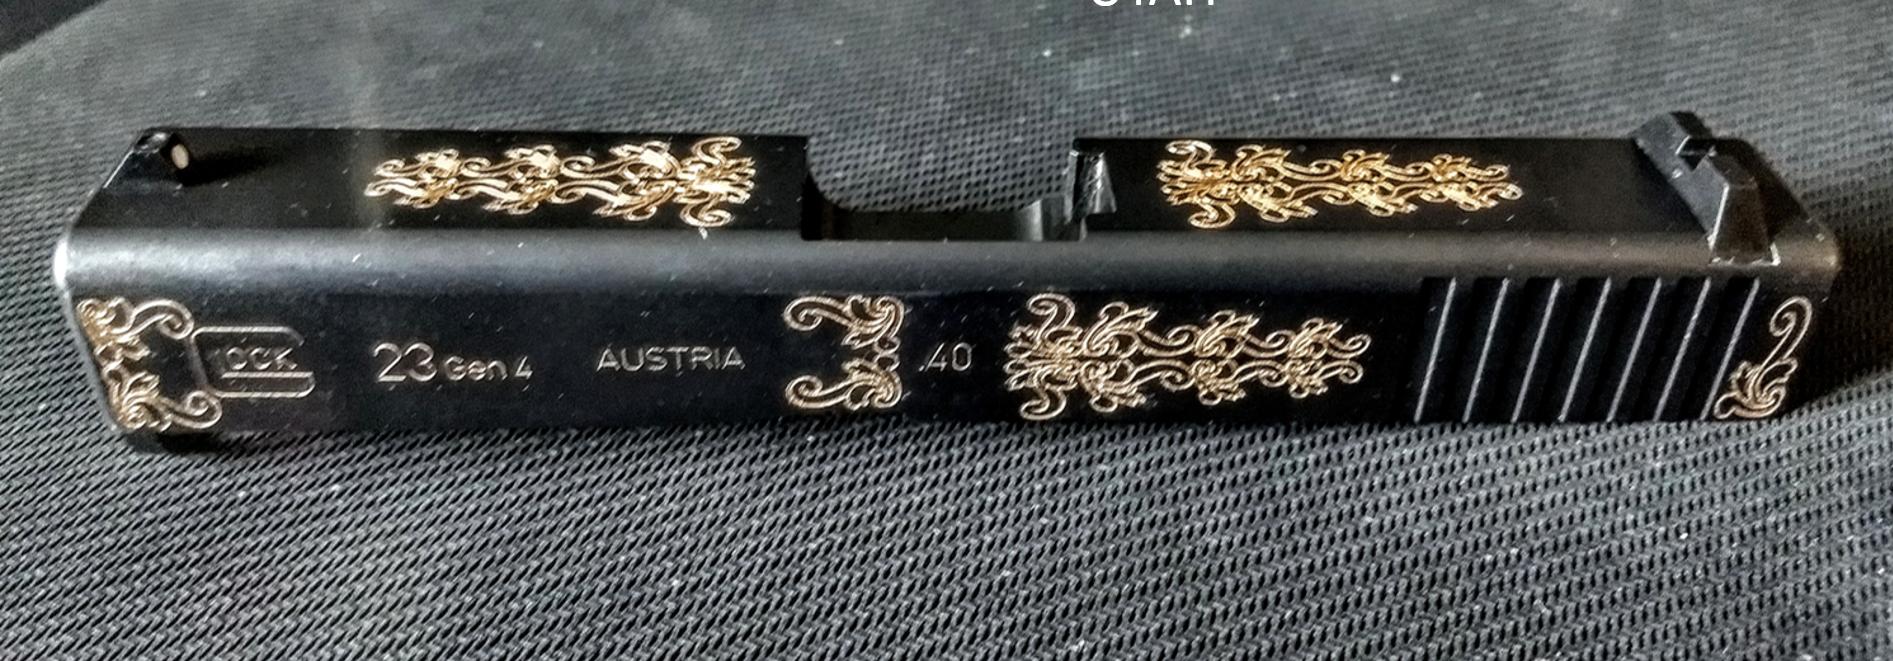 Glock 23 Gold Engraving.png